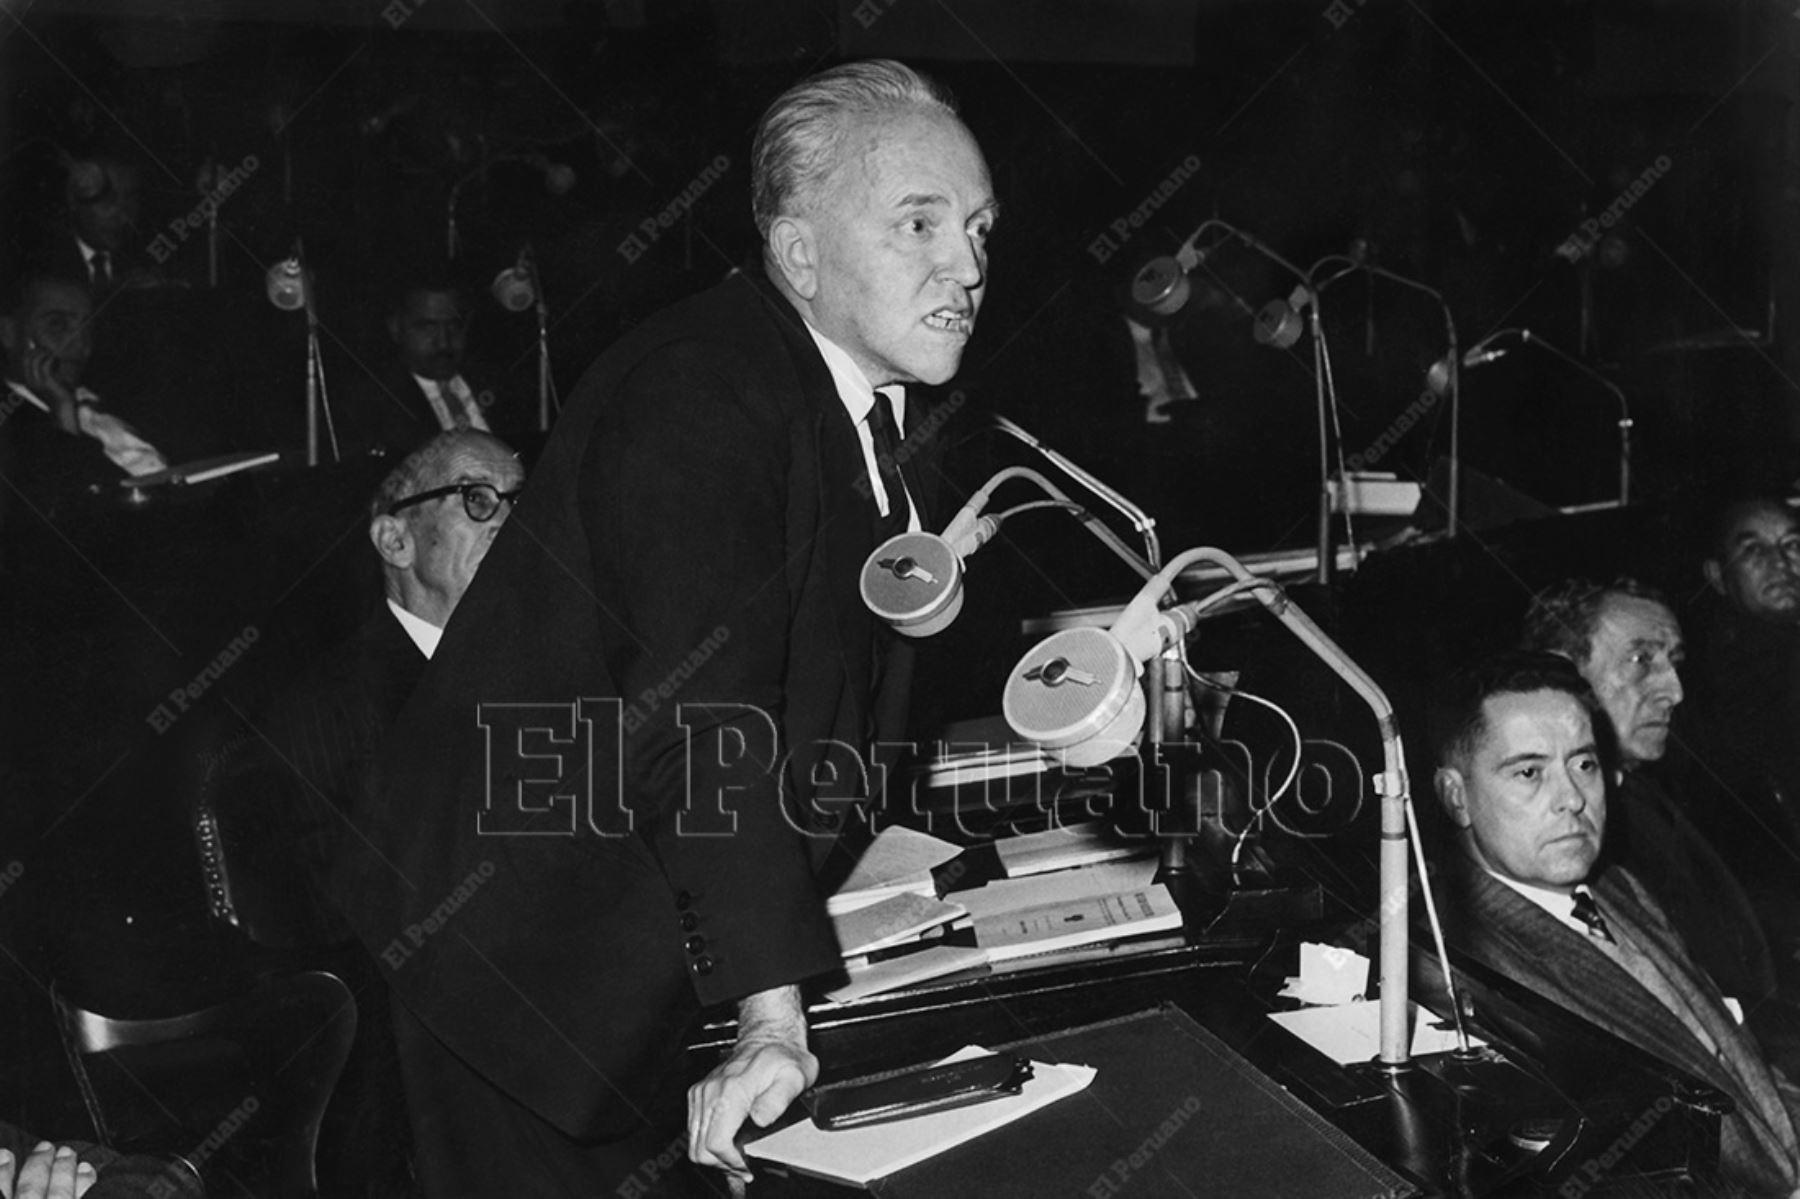 Lima - 1959 / Raúl Porras Barrenechea, canciller del Perú, en el Congreso de la República.  Foto: Archivo Histórico de El Peruano / Alfonso Ego Aguirre